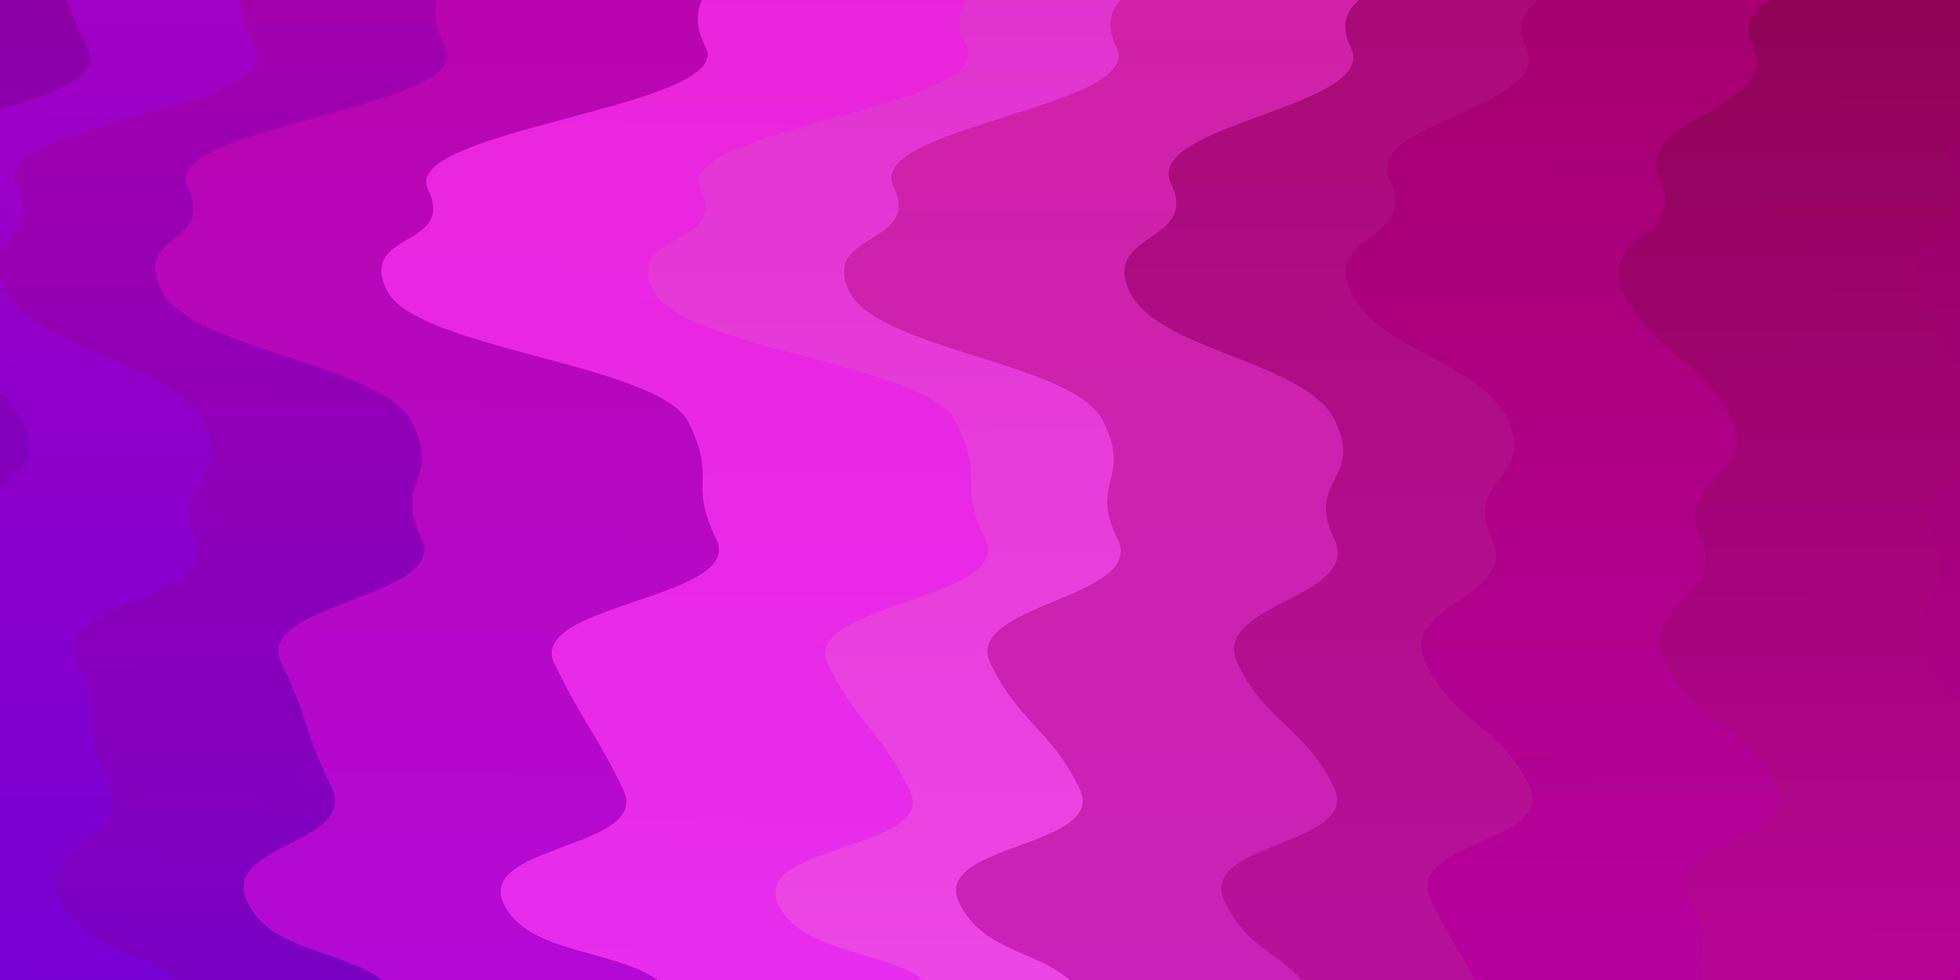 layout vettoriale viola chiaro, rosa con arco circolare.